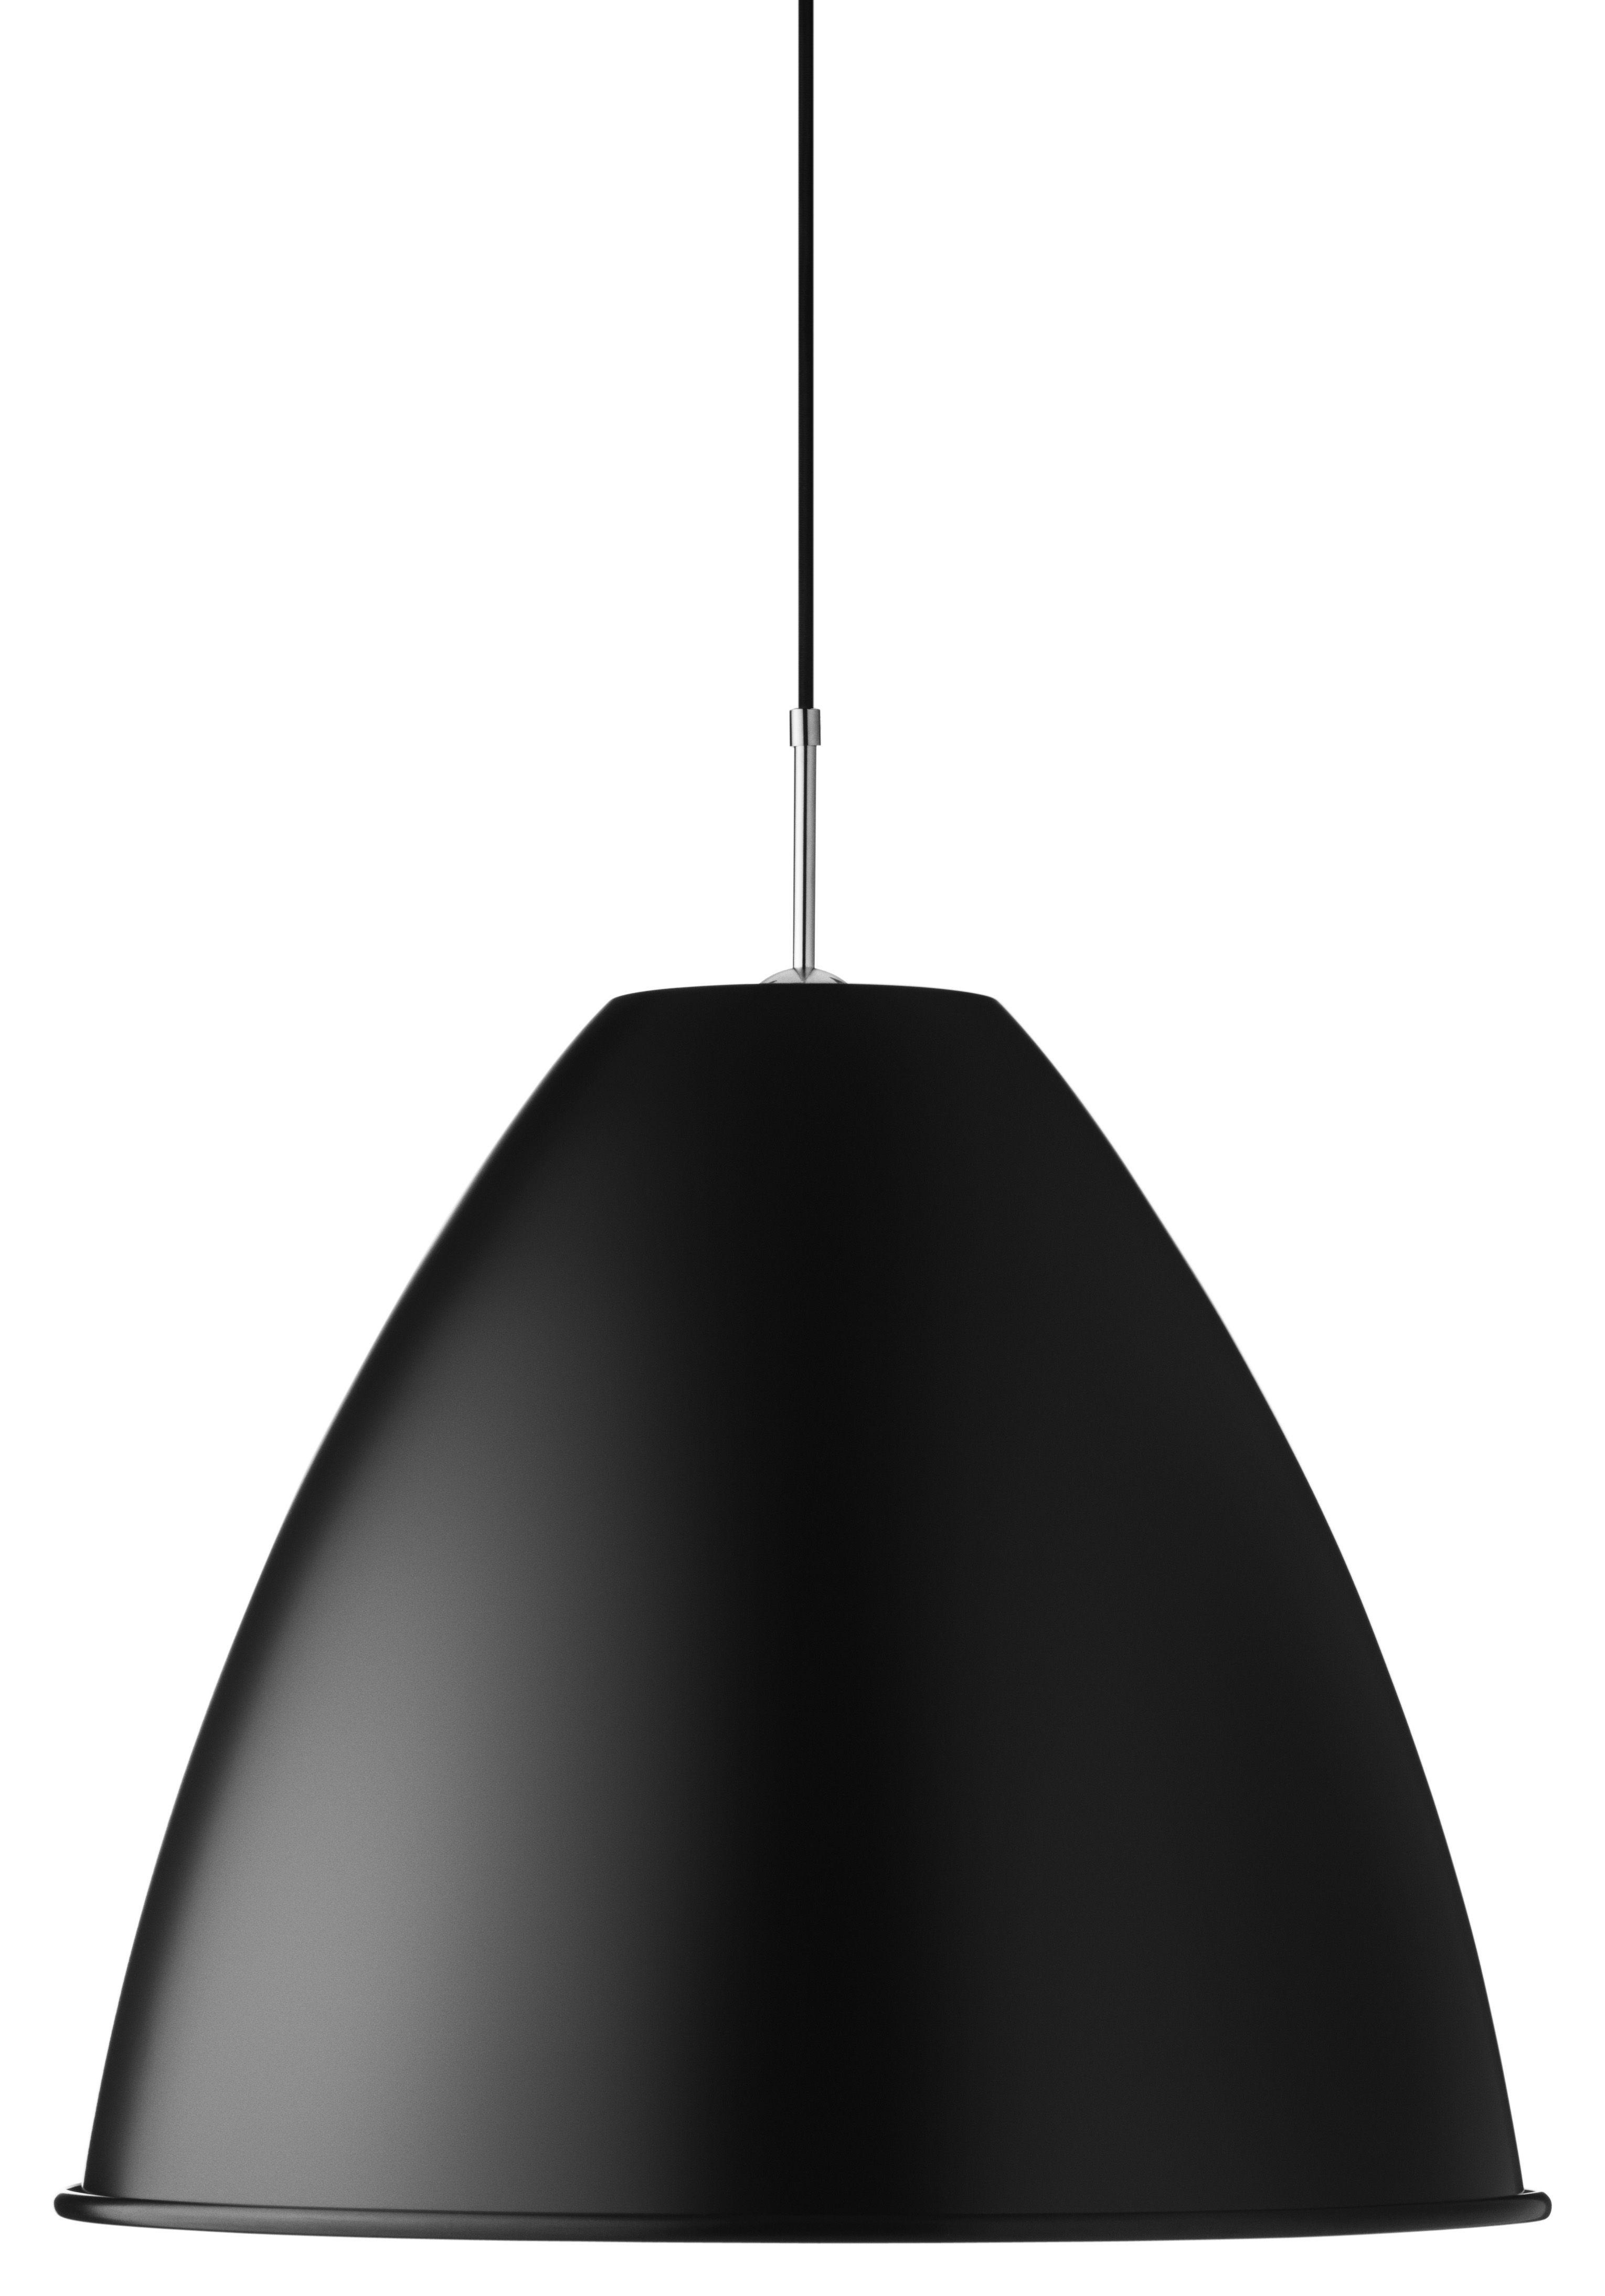 Illuminazione - Lampadari - Sospensione Bestlite BL9 L - Ø 40 cm - Riedizione del 1930 di Gubi - Nero - Metallo cromato